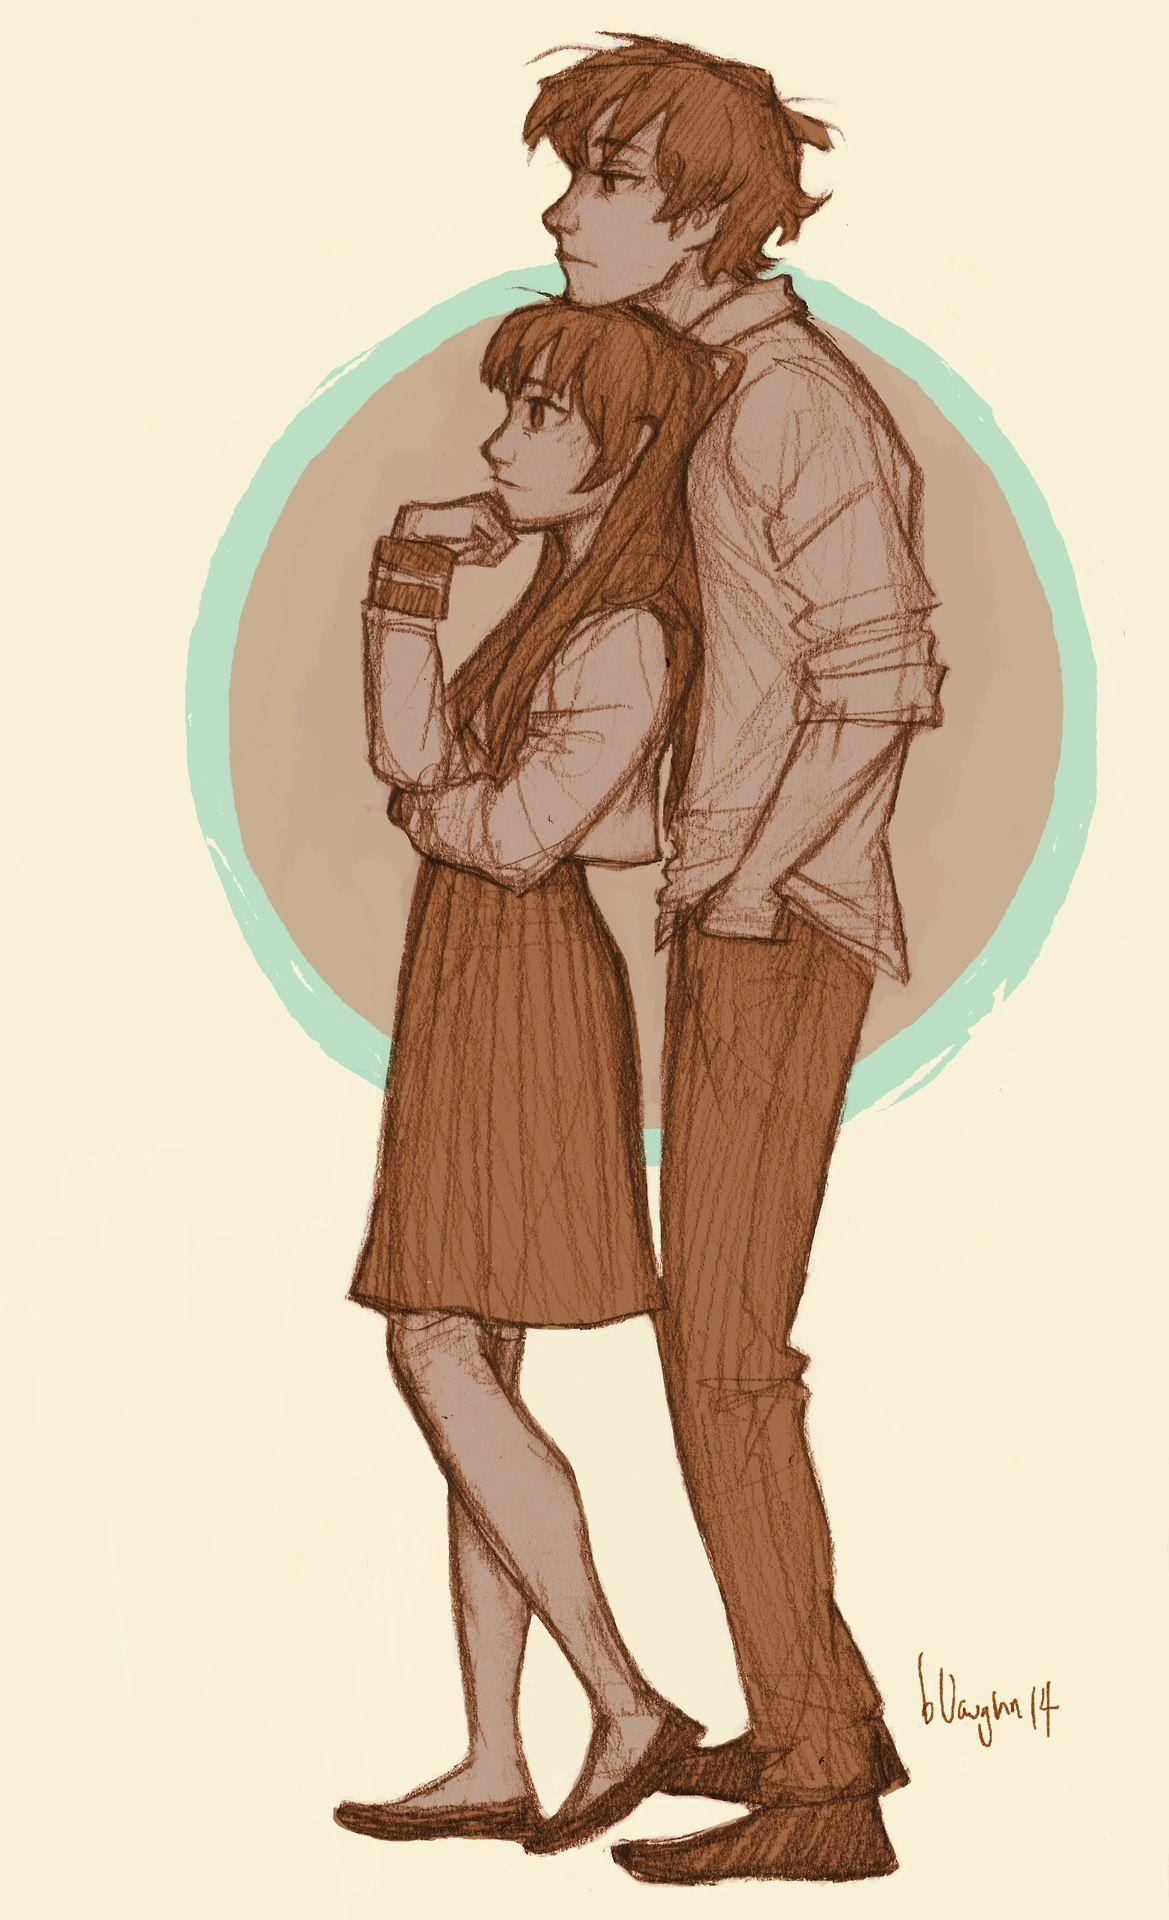 I love Burdge! This is perfection! Oreki and Chitanda